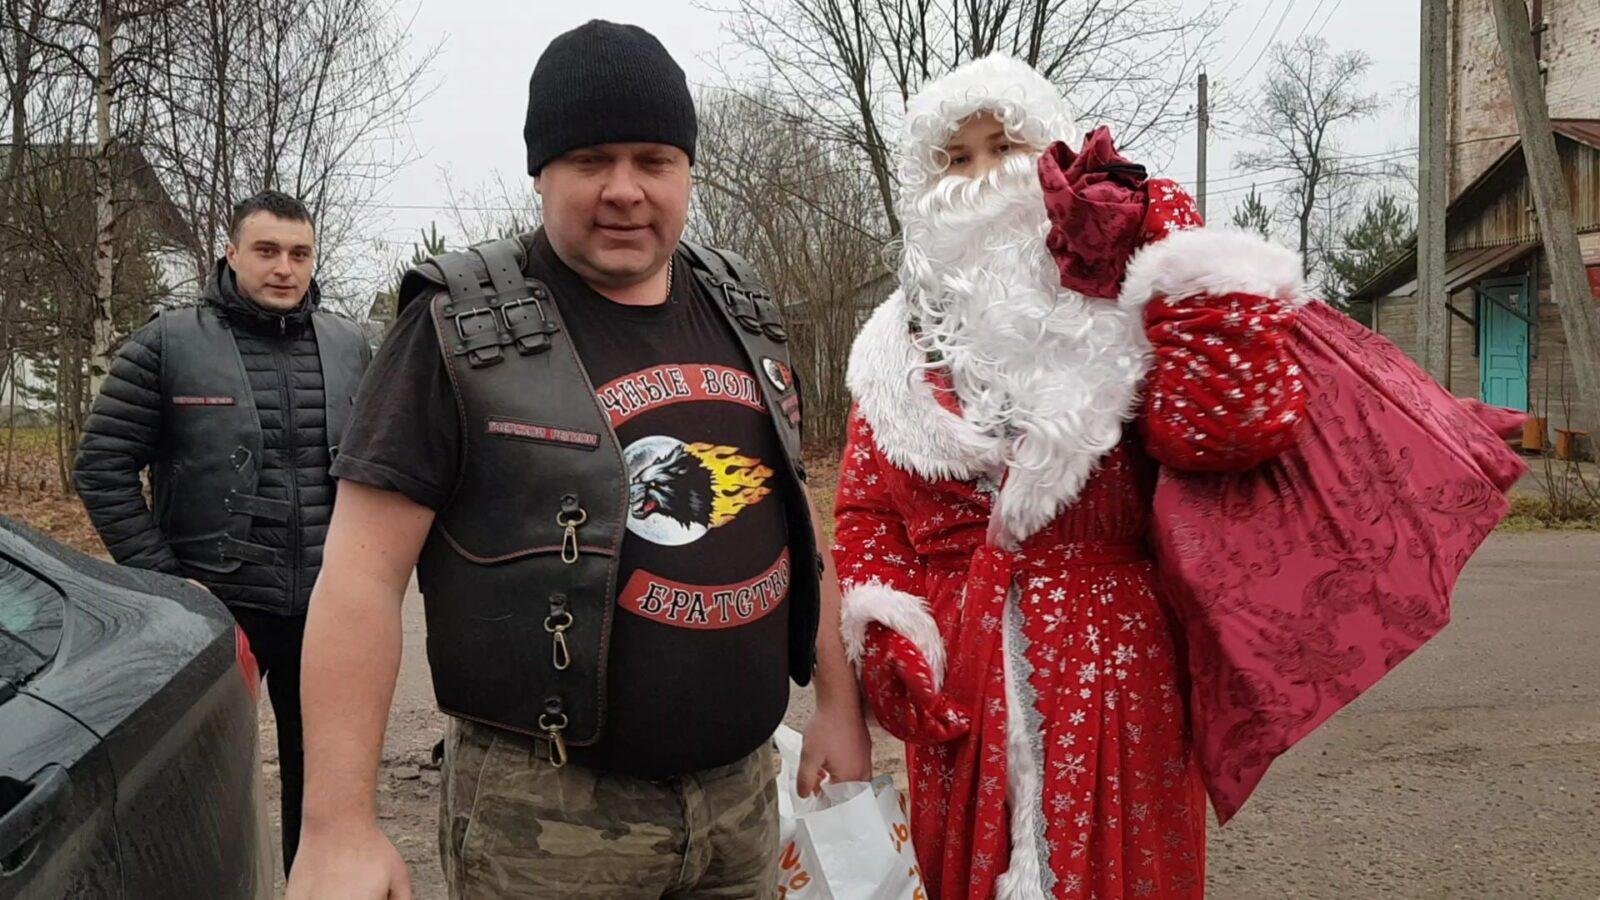 Байкеры принесли новогодние подарки детям в больницу в Калязине